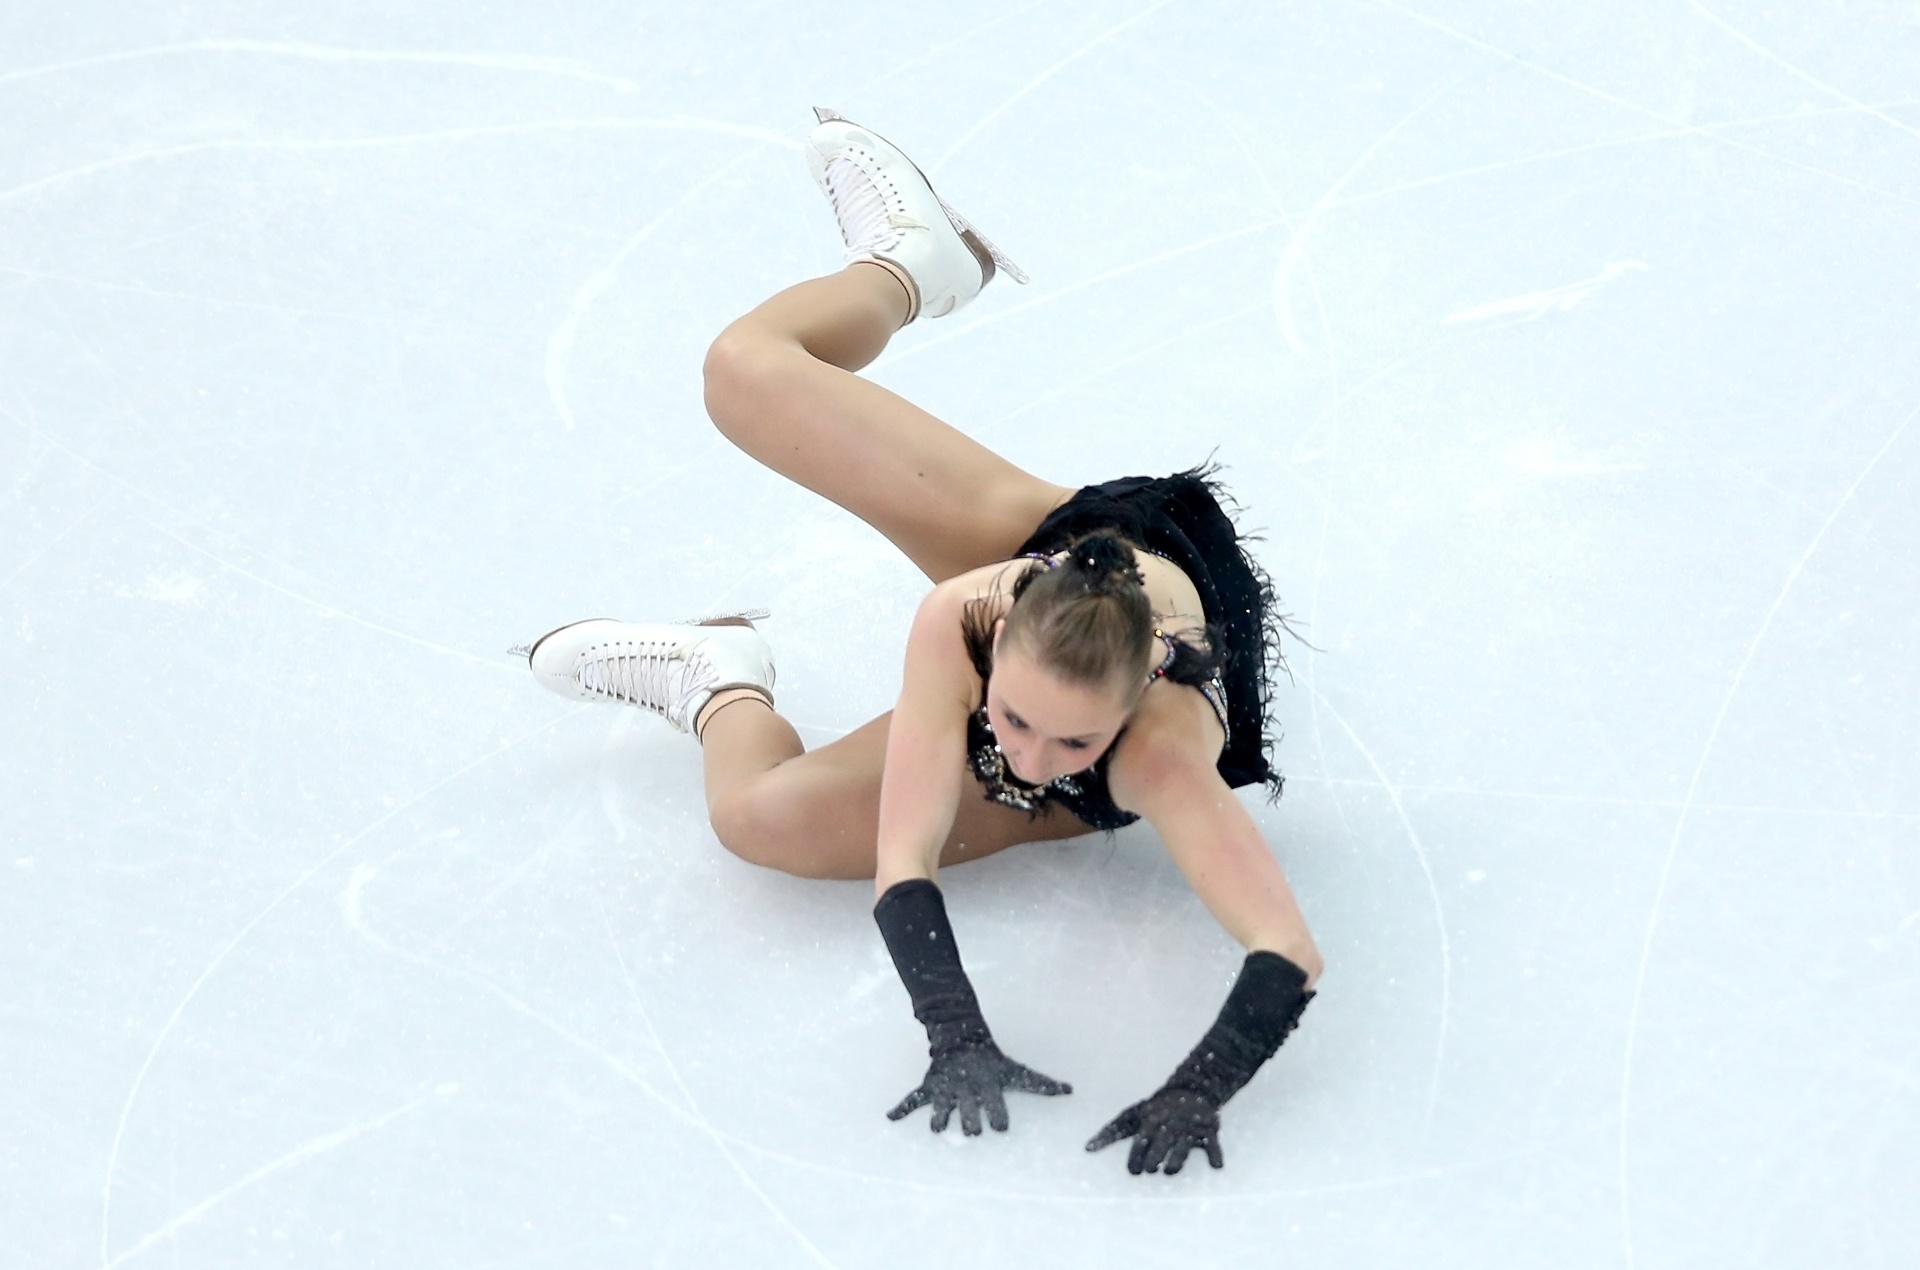 09.02.2014 - Alemã Nathalie Weinzierl caiu durante sua apresentação de patinação artística